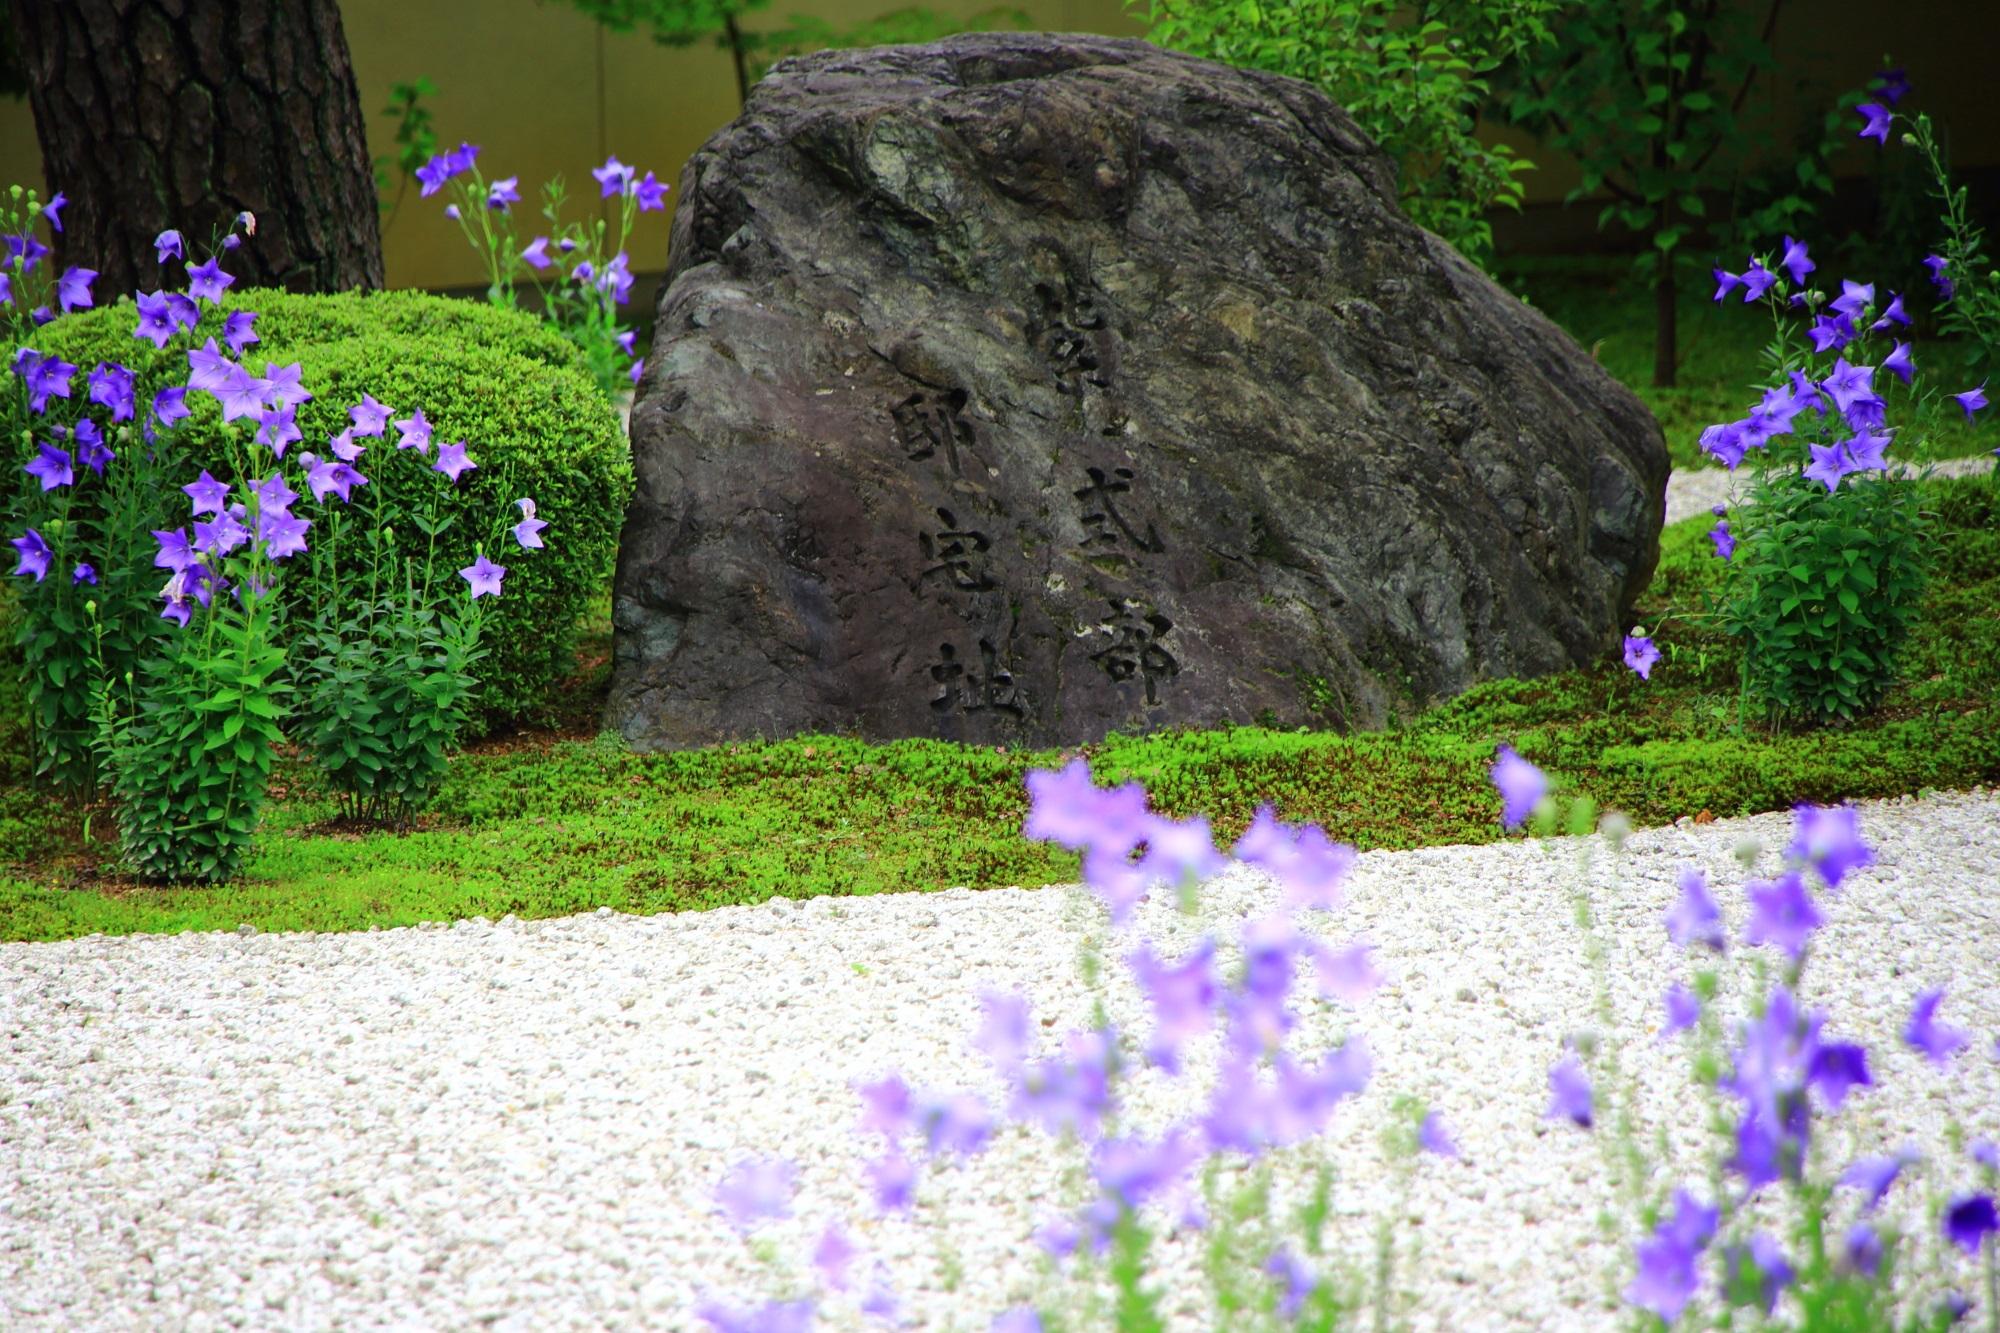 紫の桔梗の花を演出する白砂と緑の苔